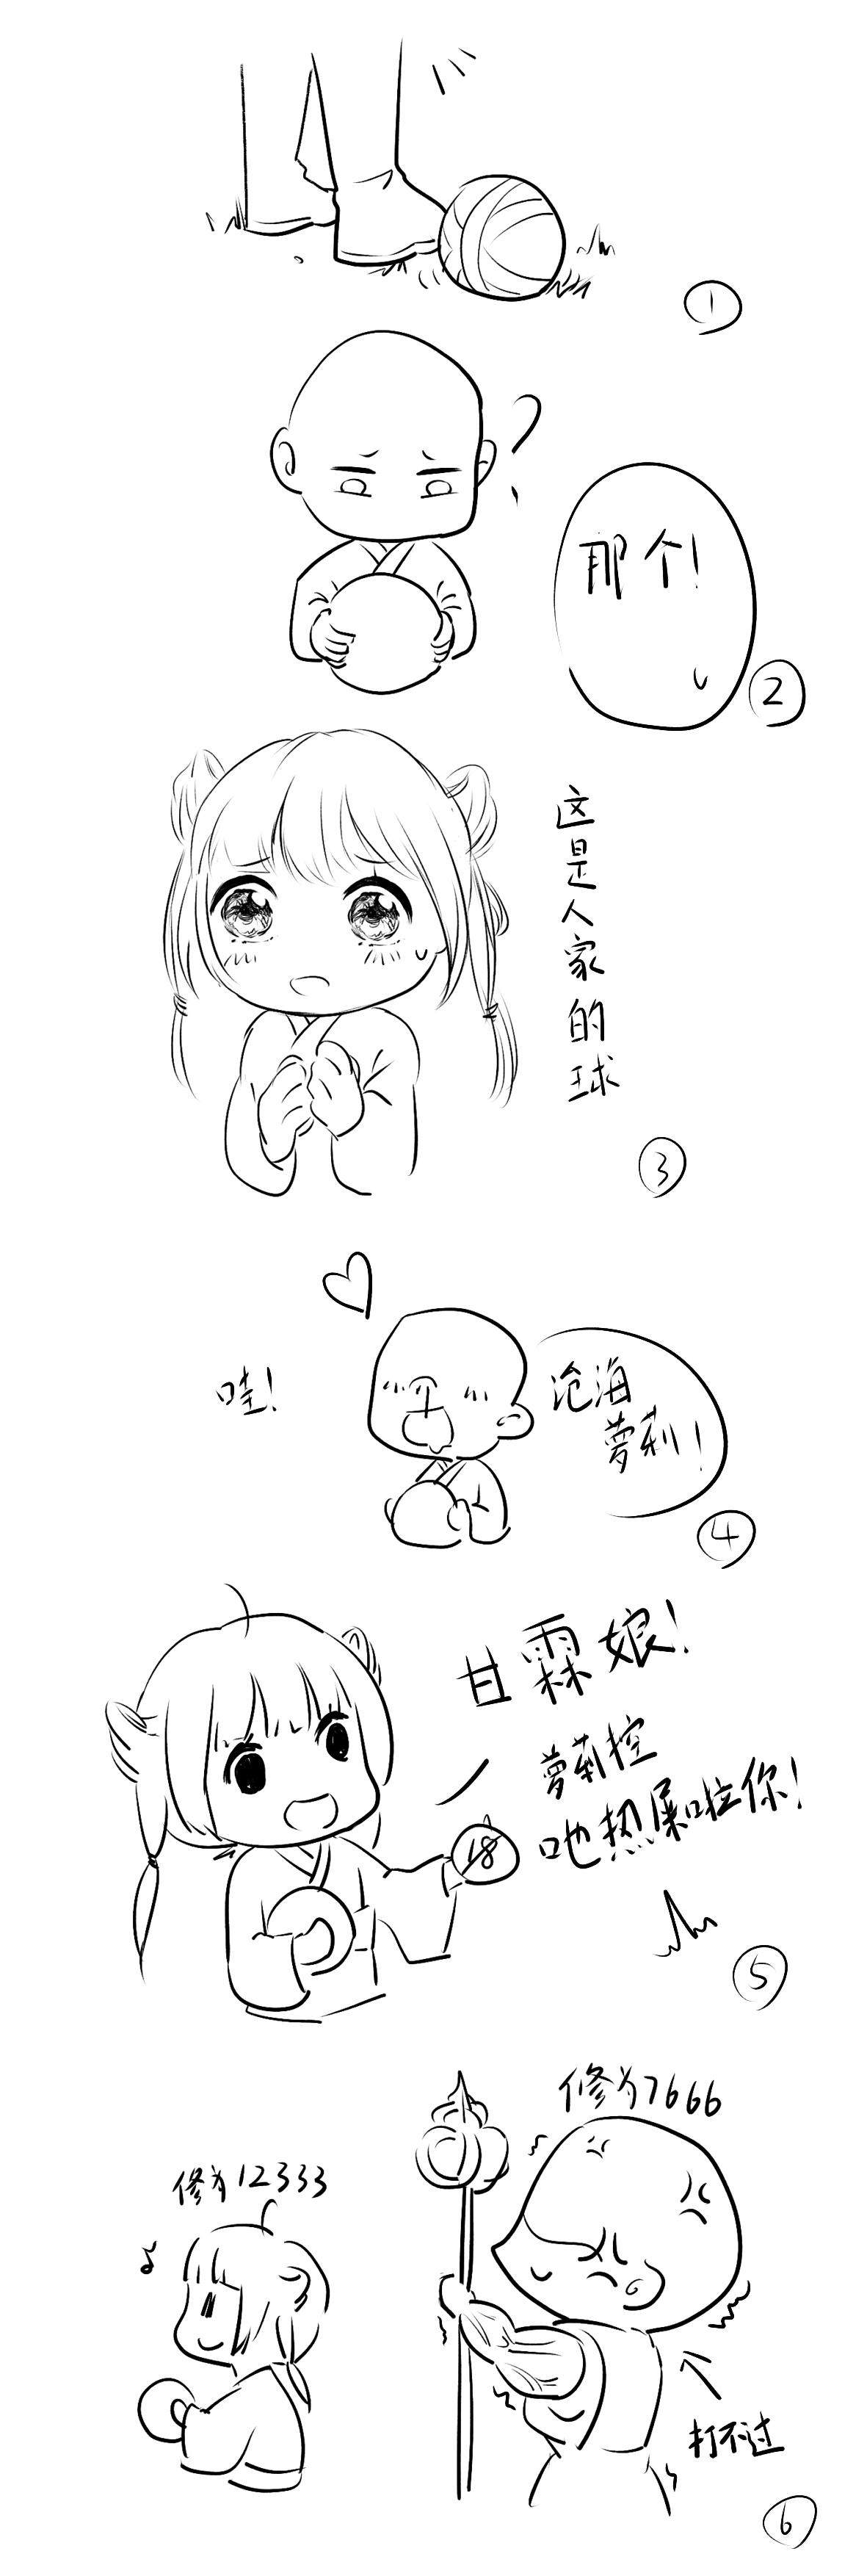 【江湖笔墨客】关于沧海的感谢方式